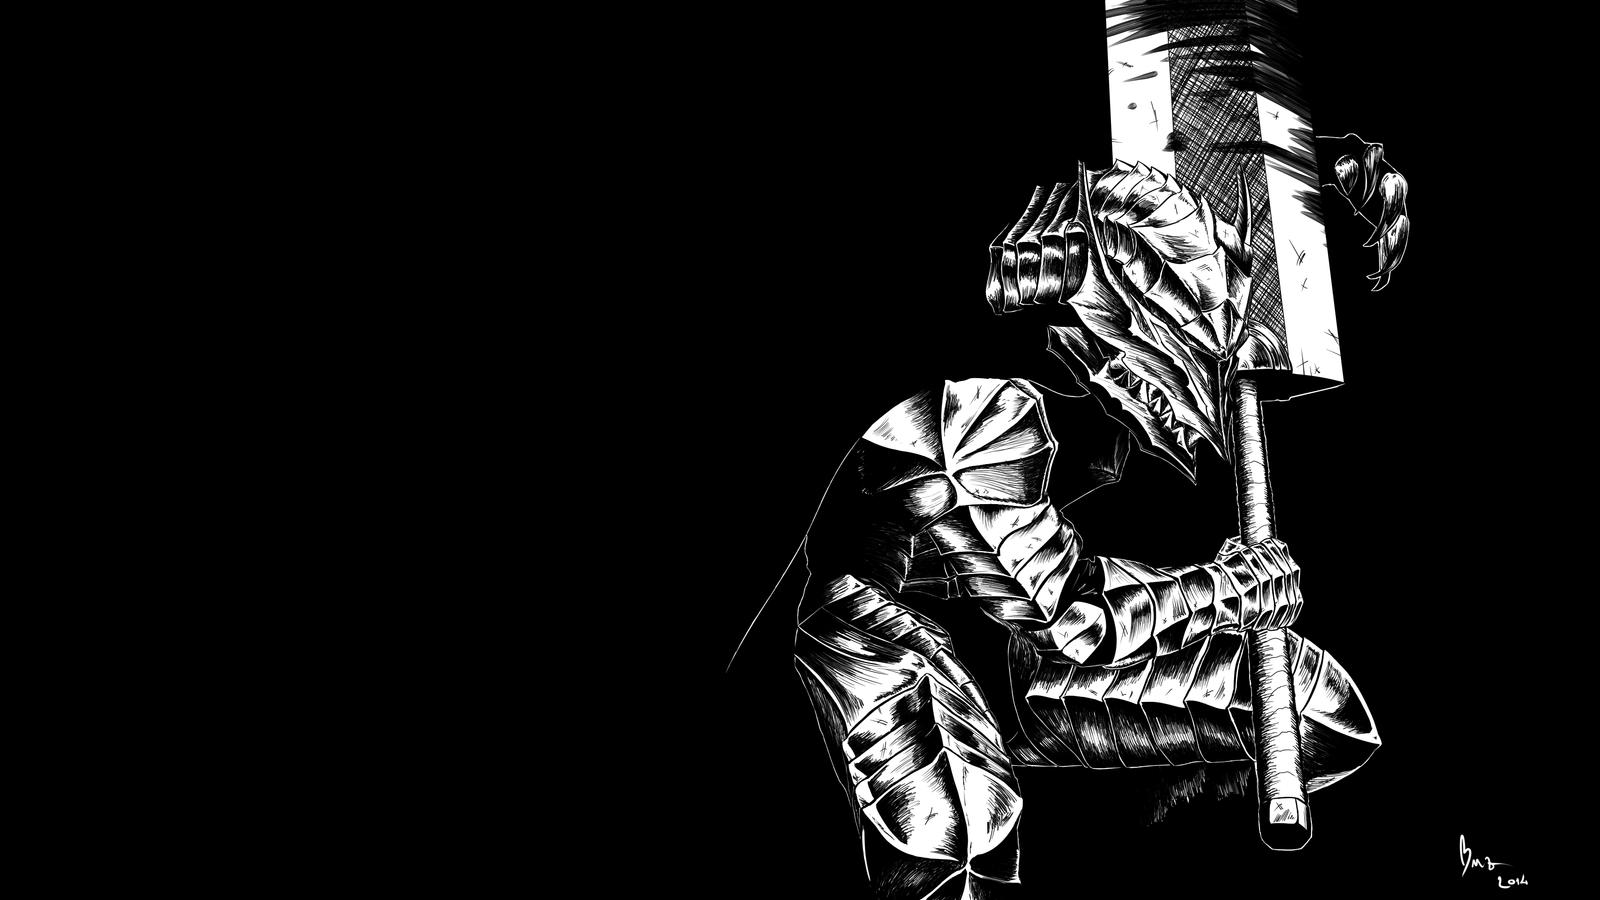 [Image: berserk_02___gatsu_in_berserker_armor_by...76wfb6.png]